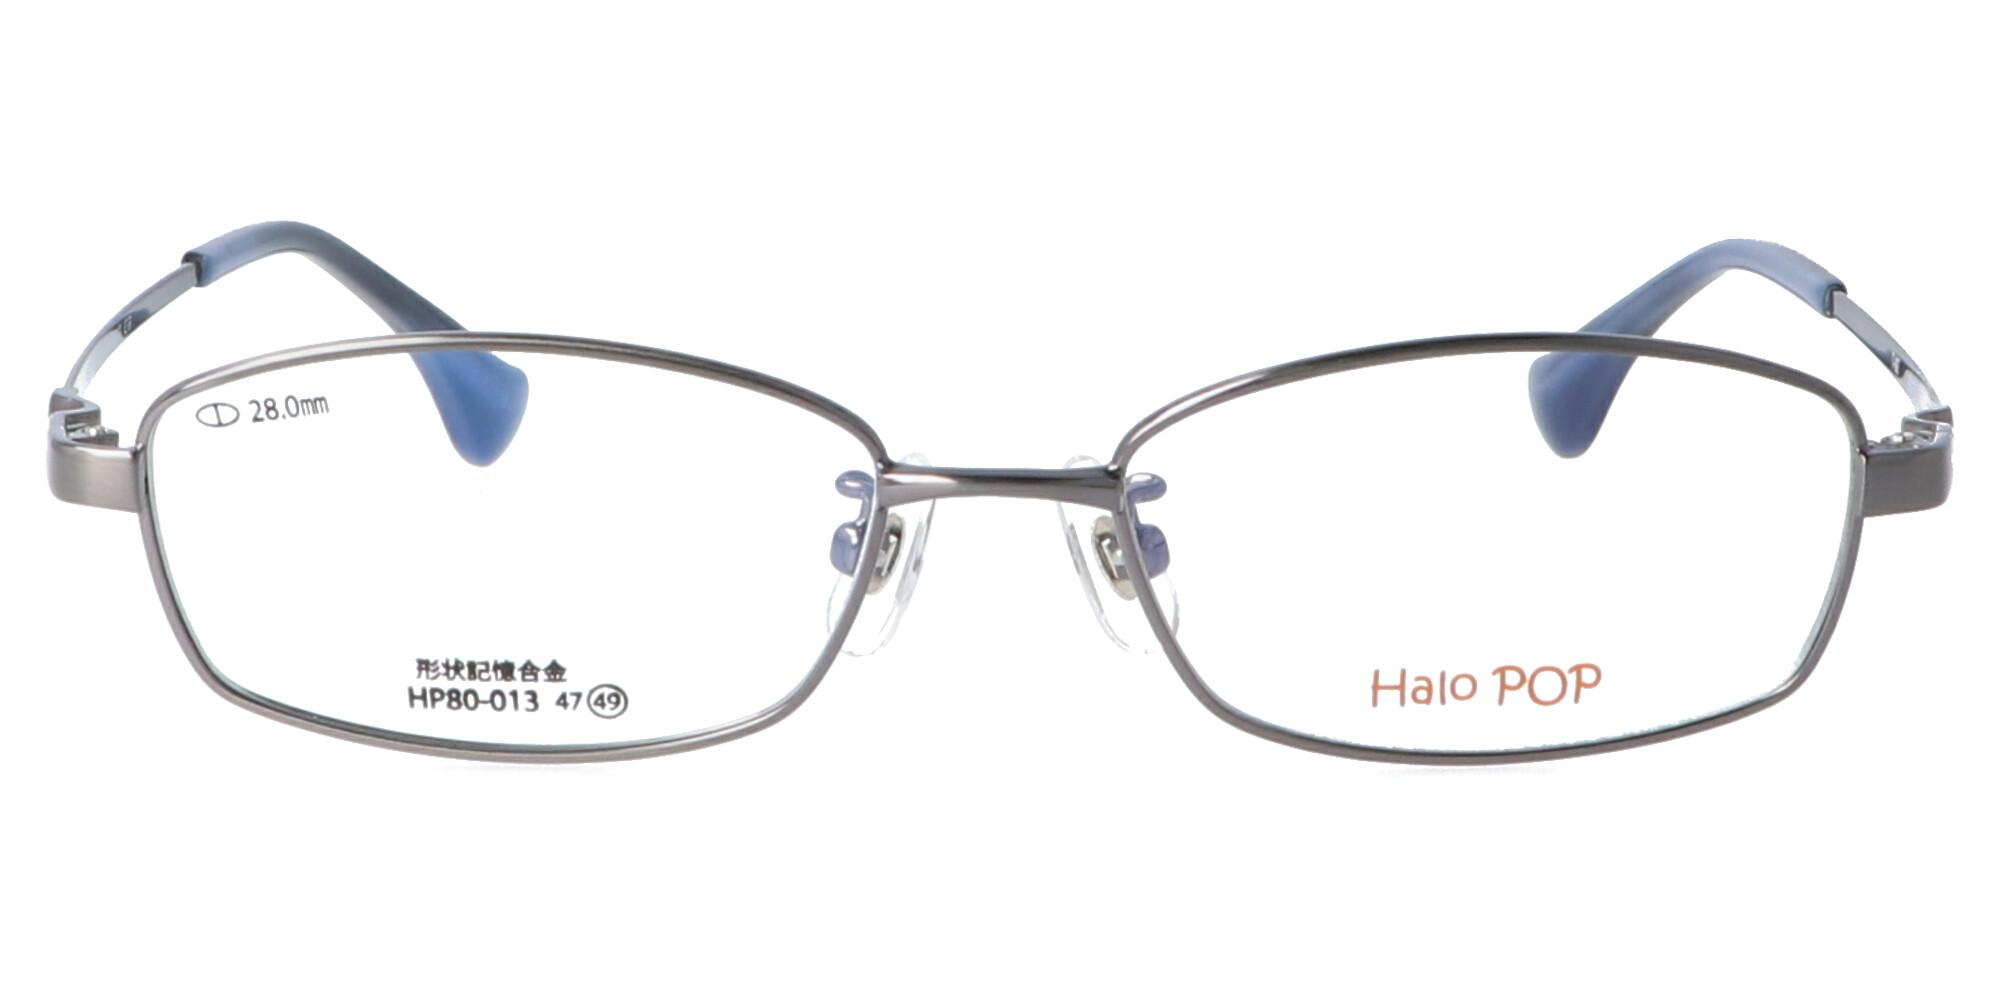 ハローポップ HP80-013_49_シャーリンググレー